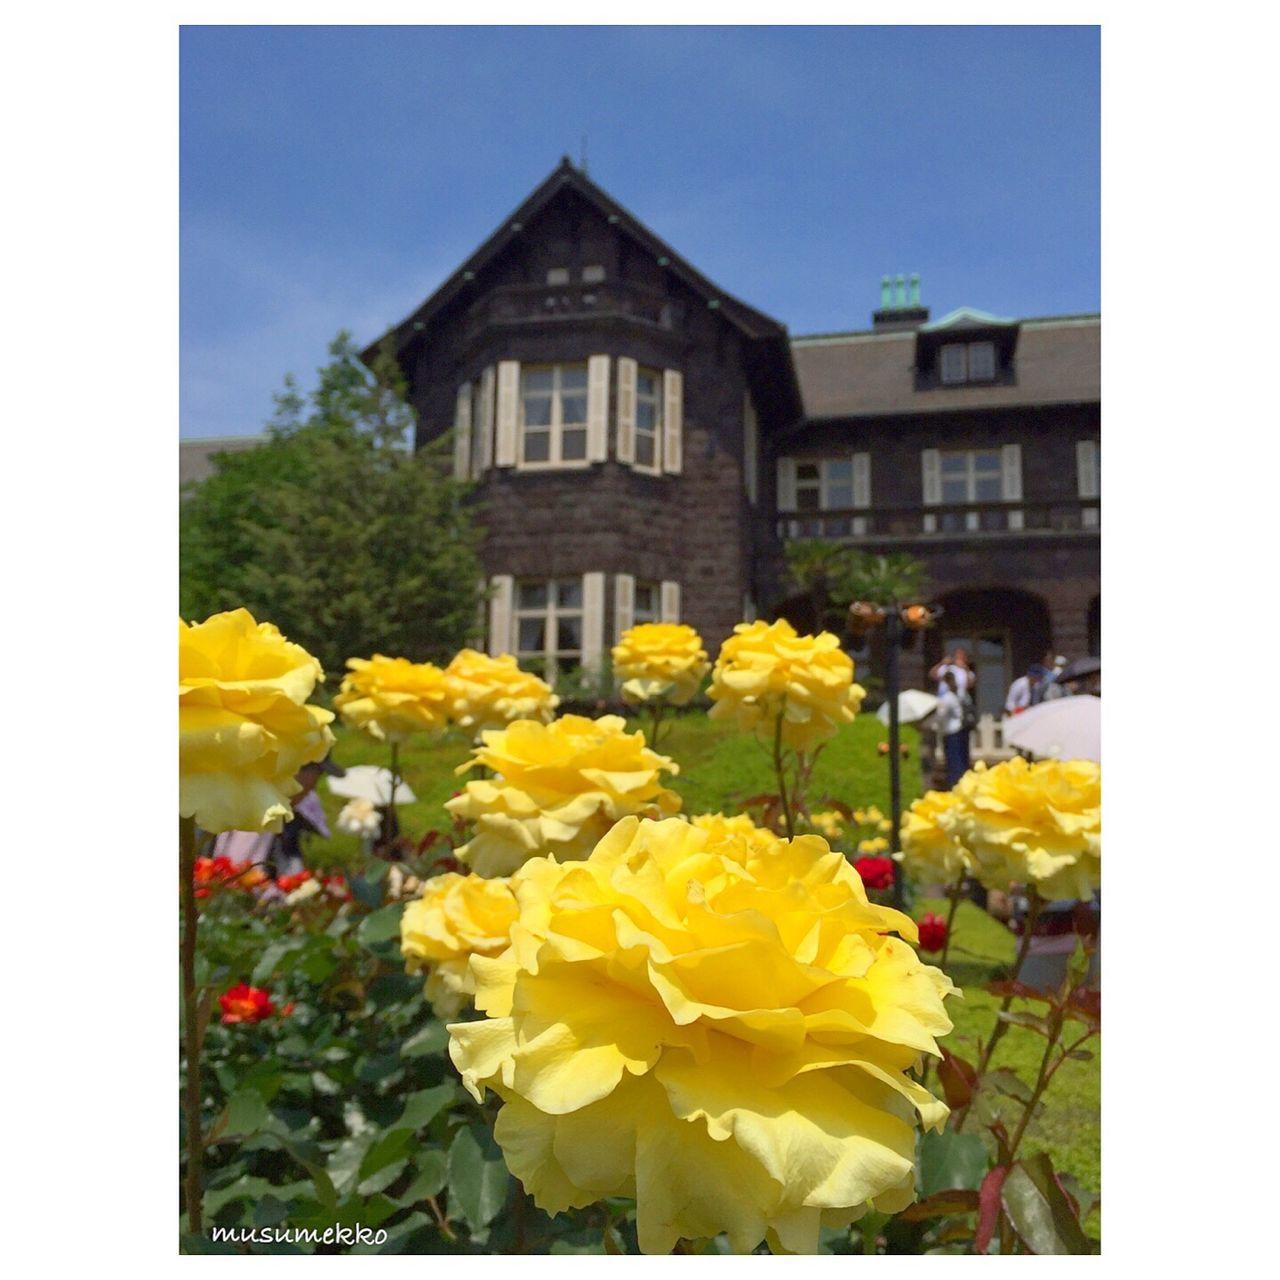 見頃を過ぎてしまったバラが多かったけど、このバラは見頃でした。 Beautiful Nature Tokyoscape Japan Photography Nature_collection Landscape_collection EyeEmNatureLover EyeEm Best Shots - Nature IPhoneography Relaxing Rosé Yellow Flower バラ 黄色 風景 建築 Architecture